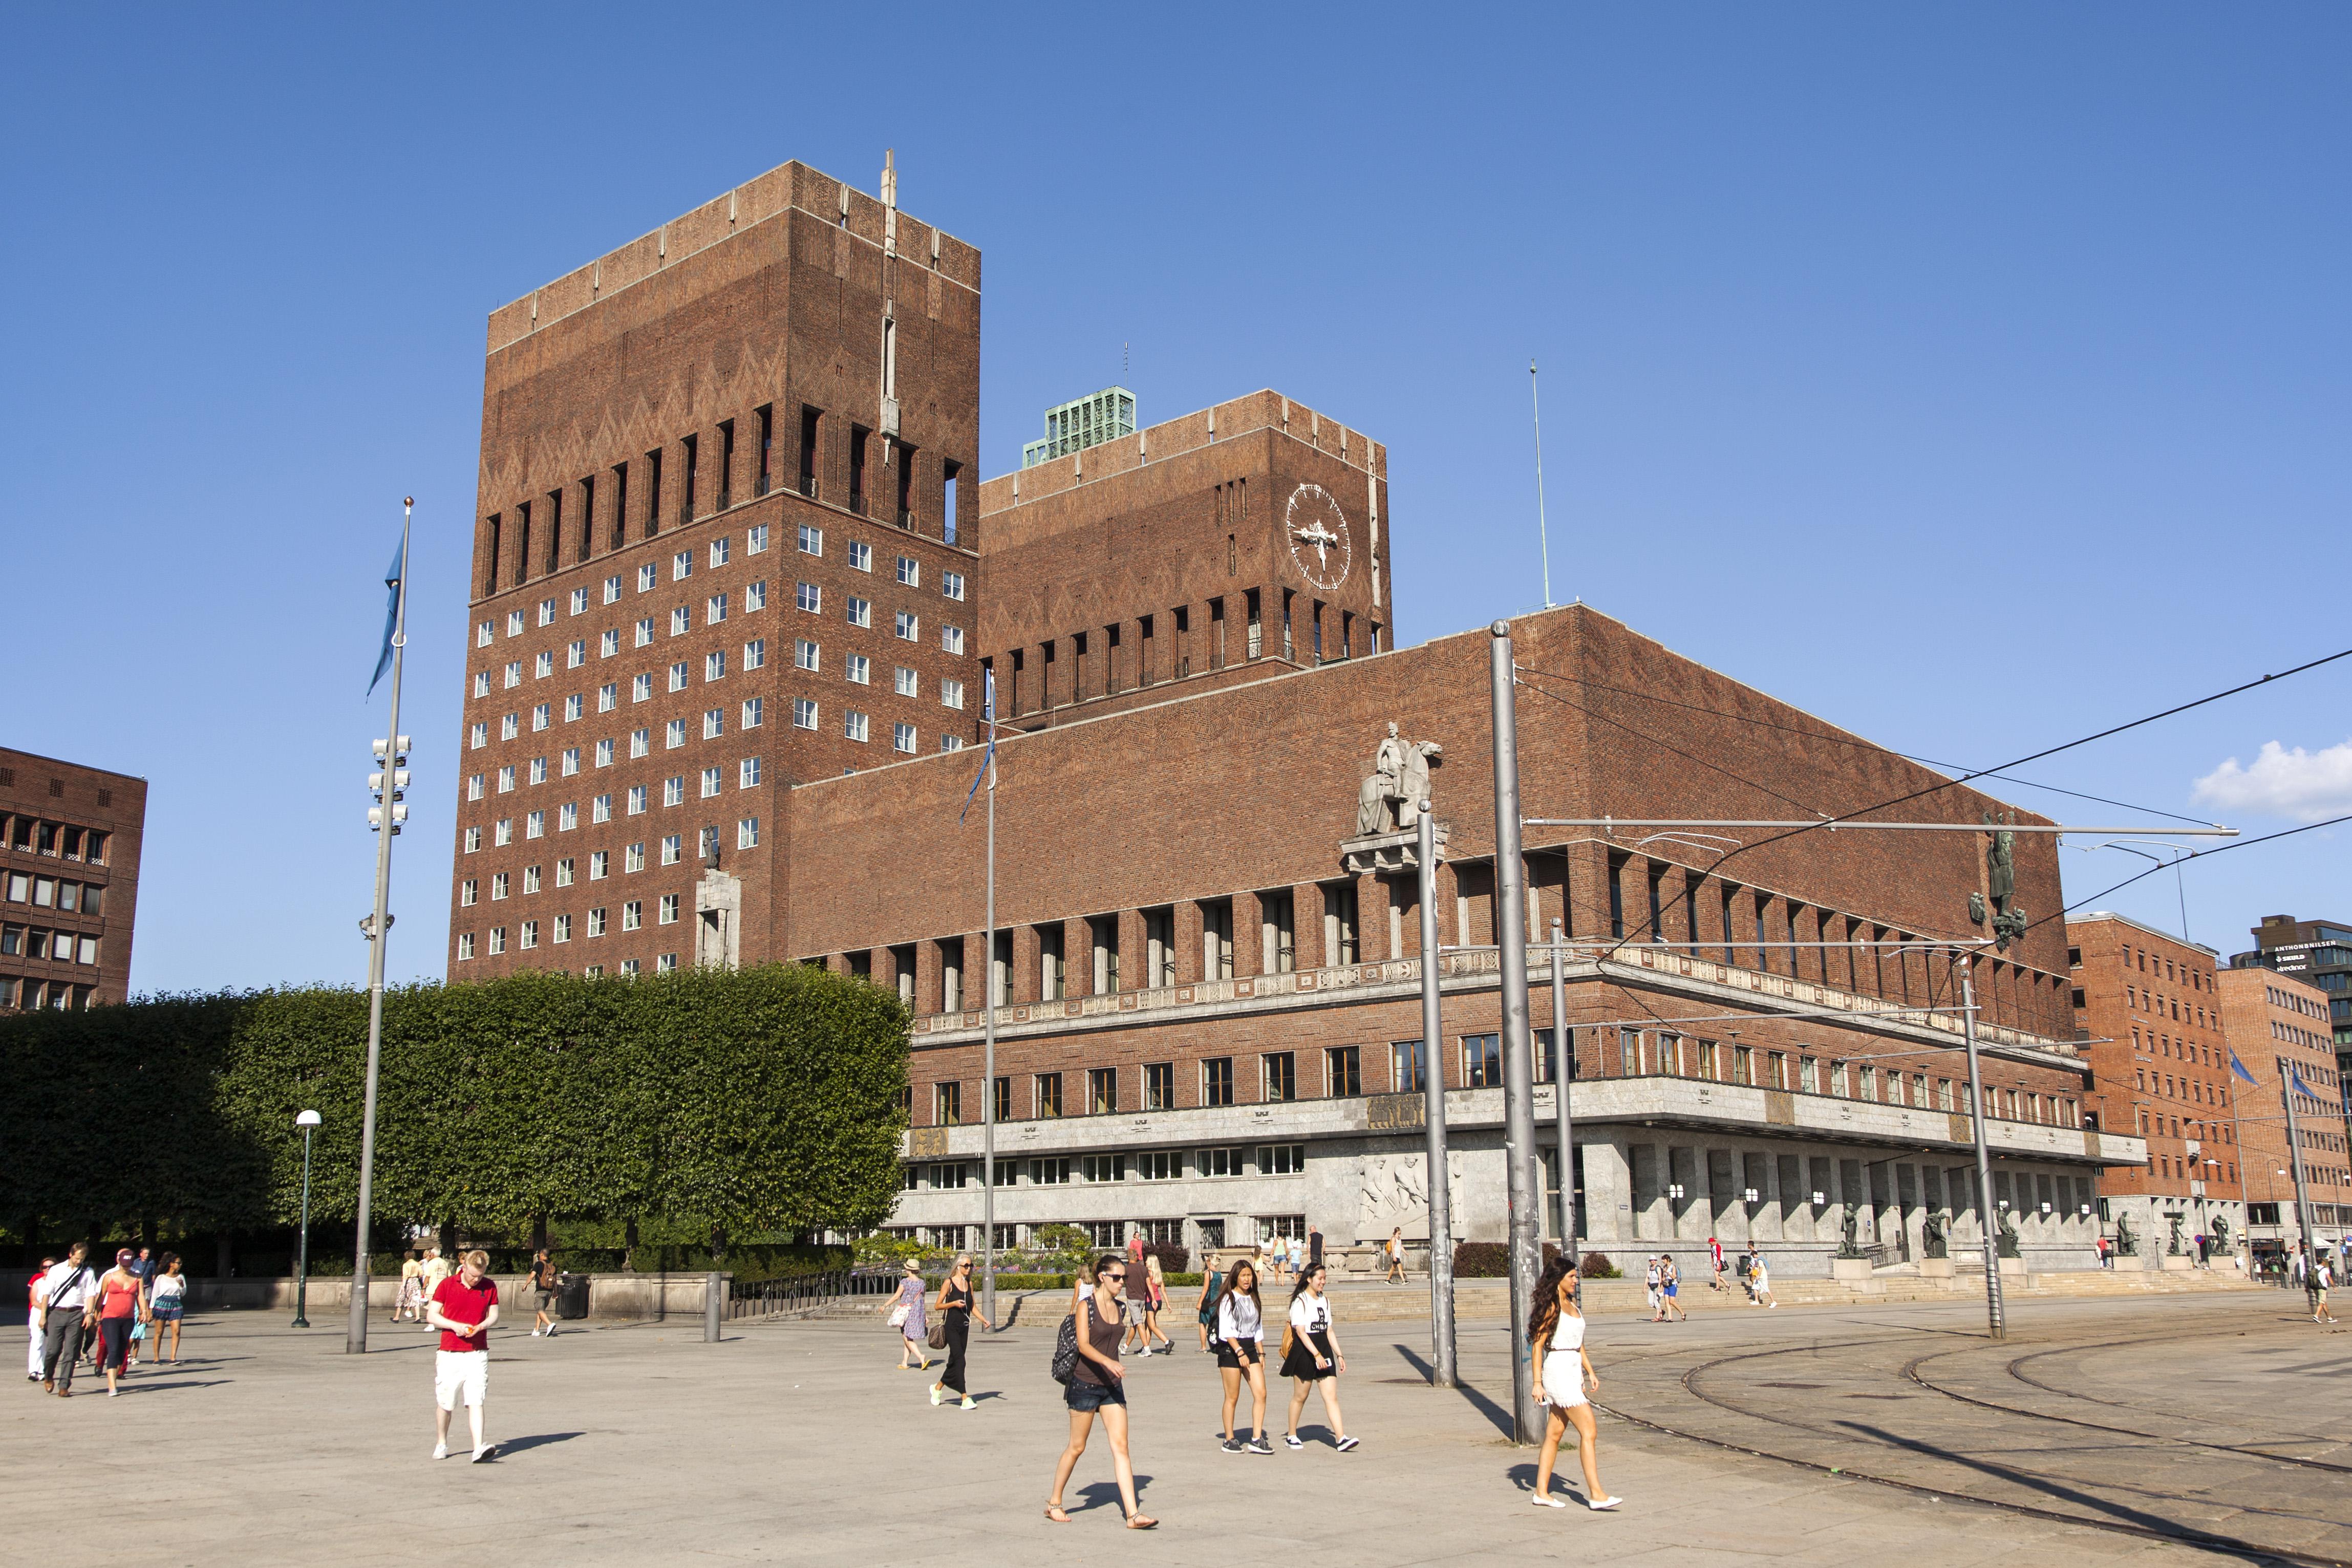 Oslo_Rådhus_1